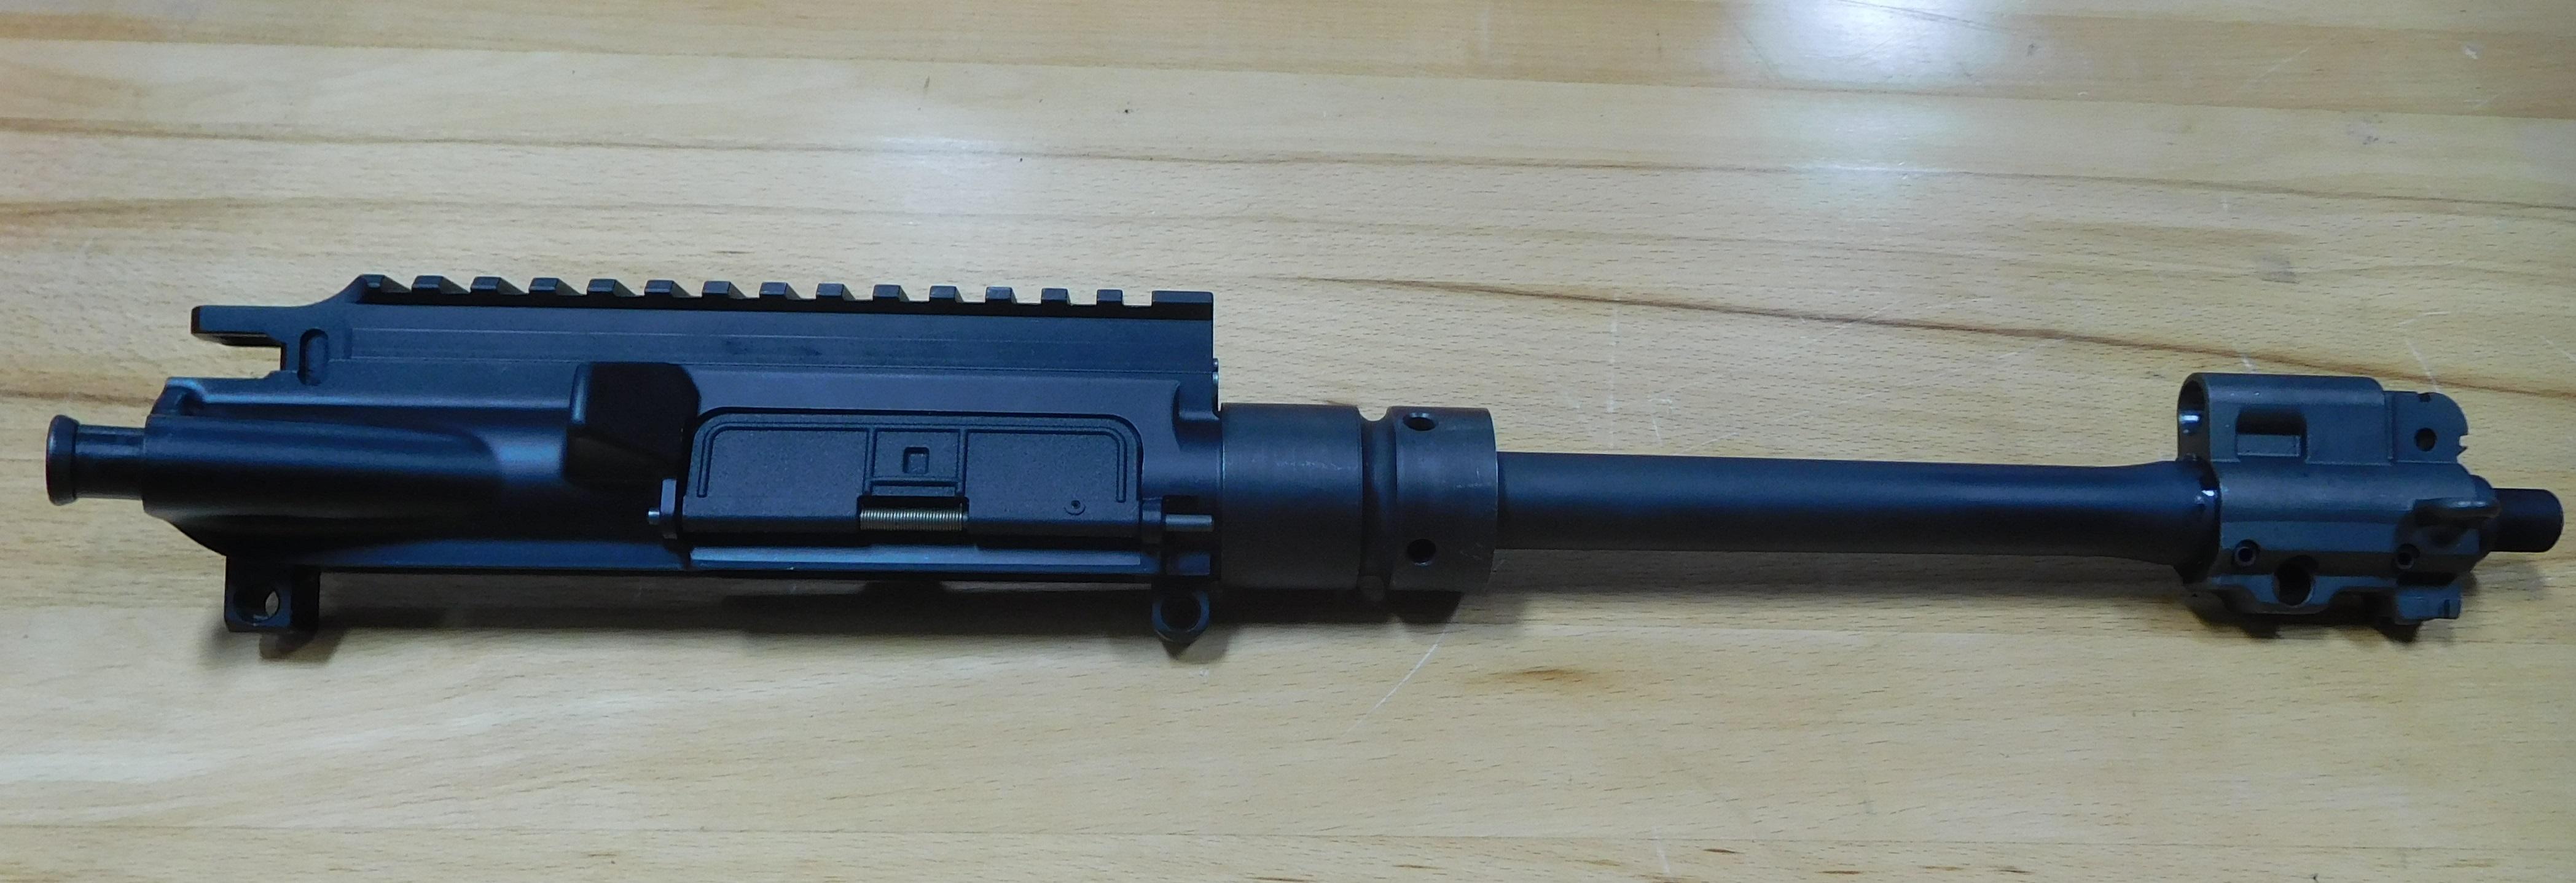 Nefarious Gunsmithing-dscn8759.jpg